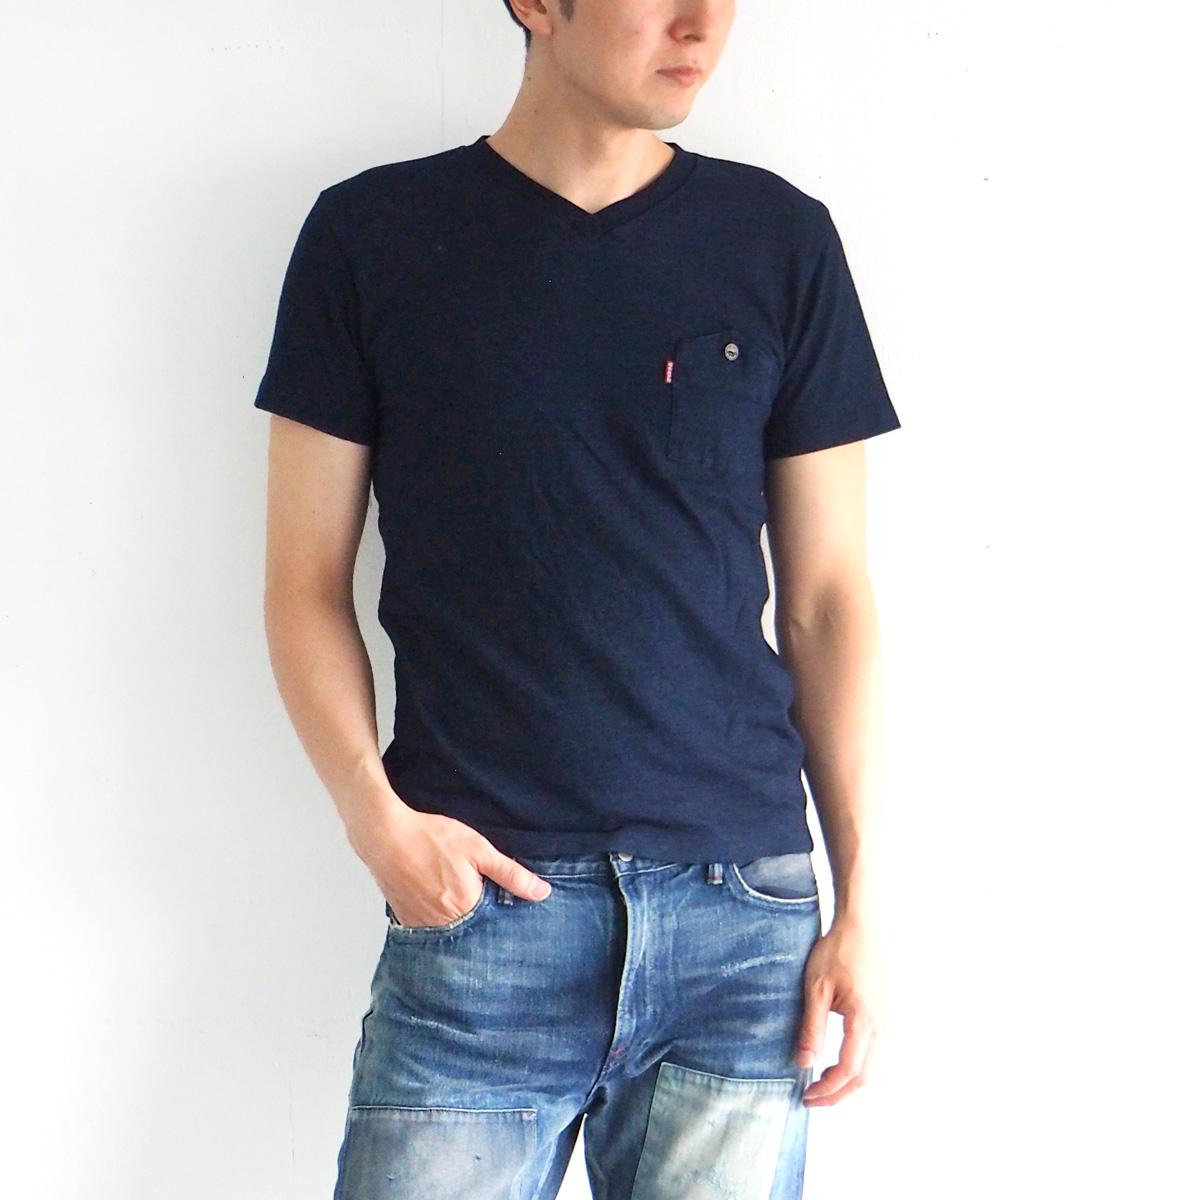 graphzero(グラフゼロ) インディゴロープ染色 山ポケット VネックTシャツ メンズ [GZ-IDTV-0104-MENS]